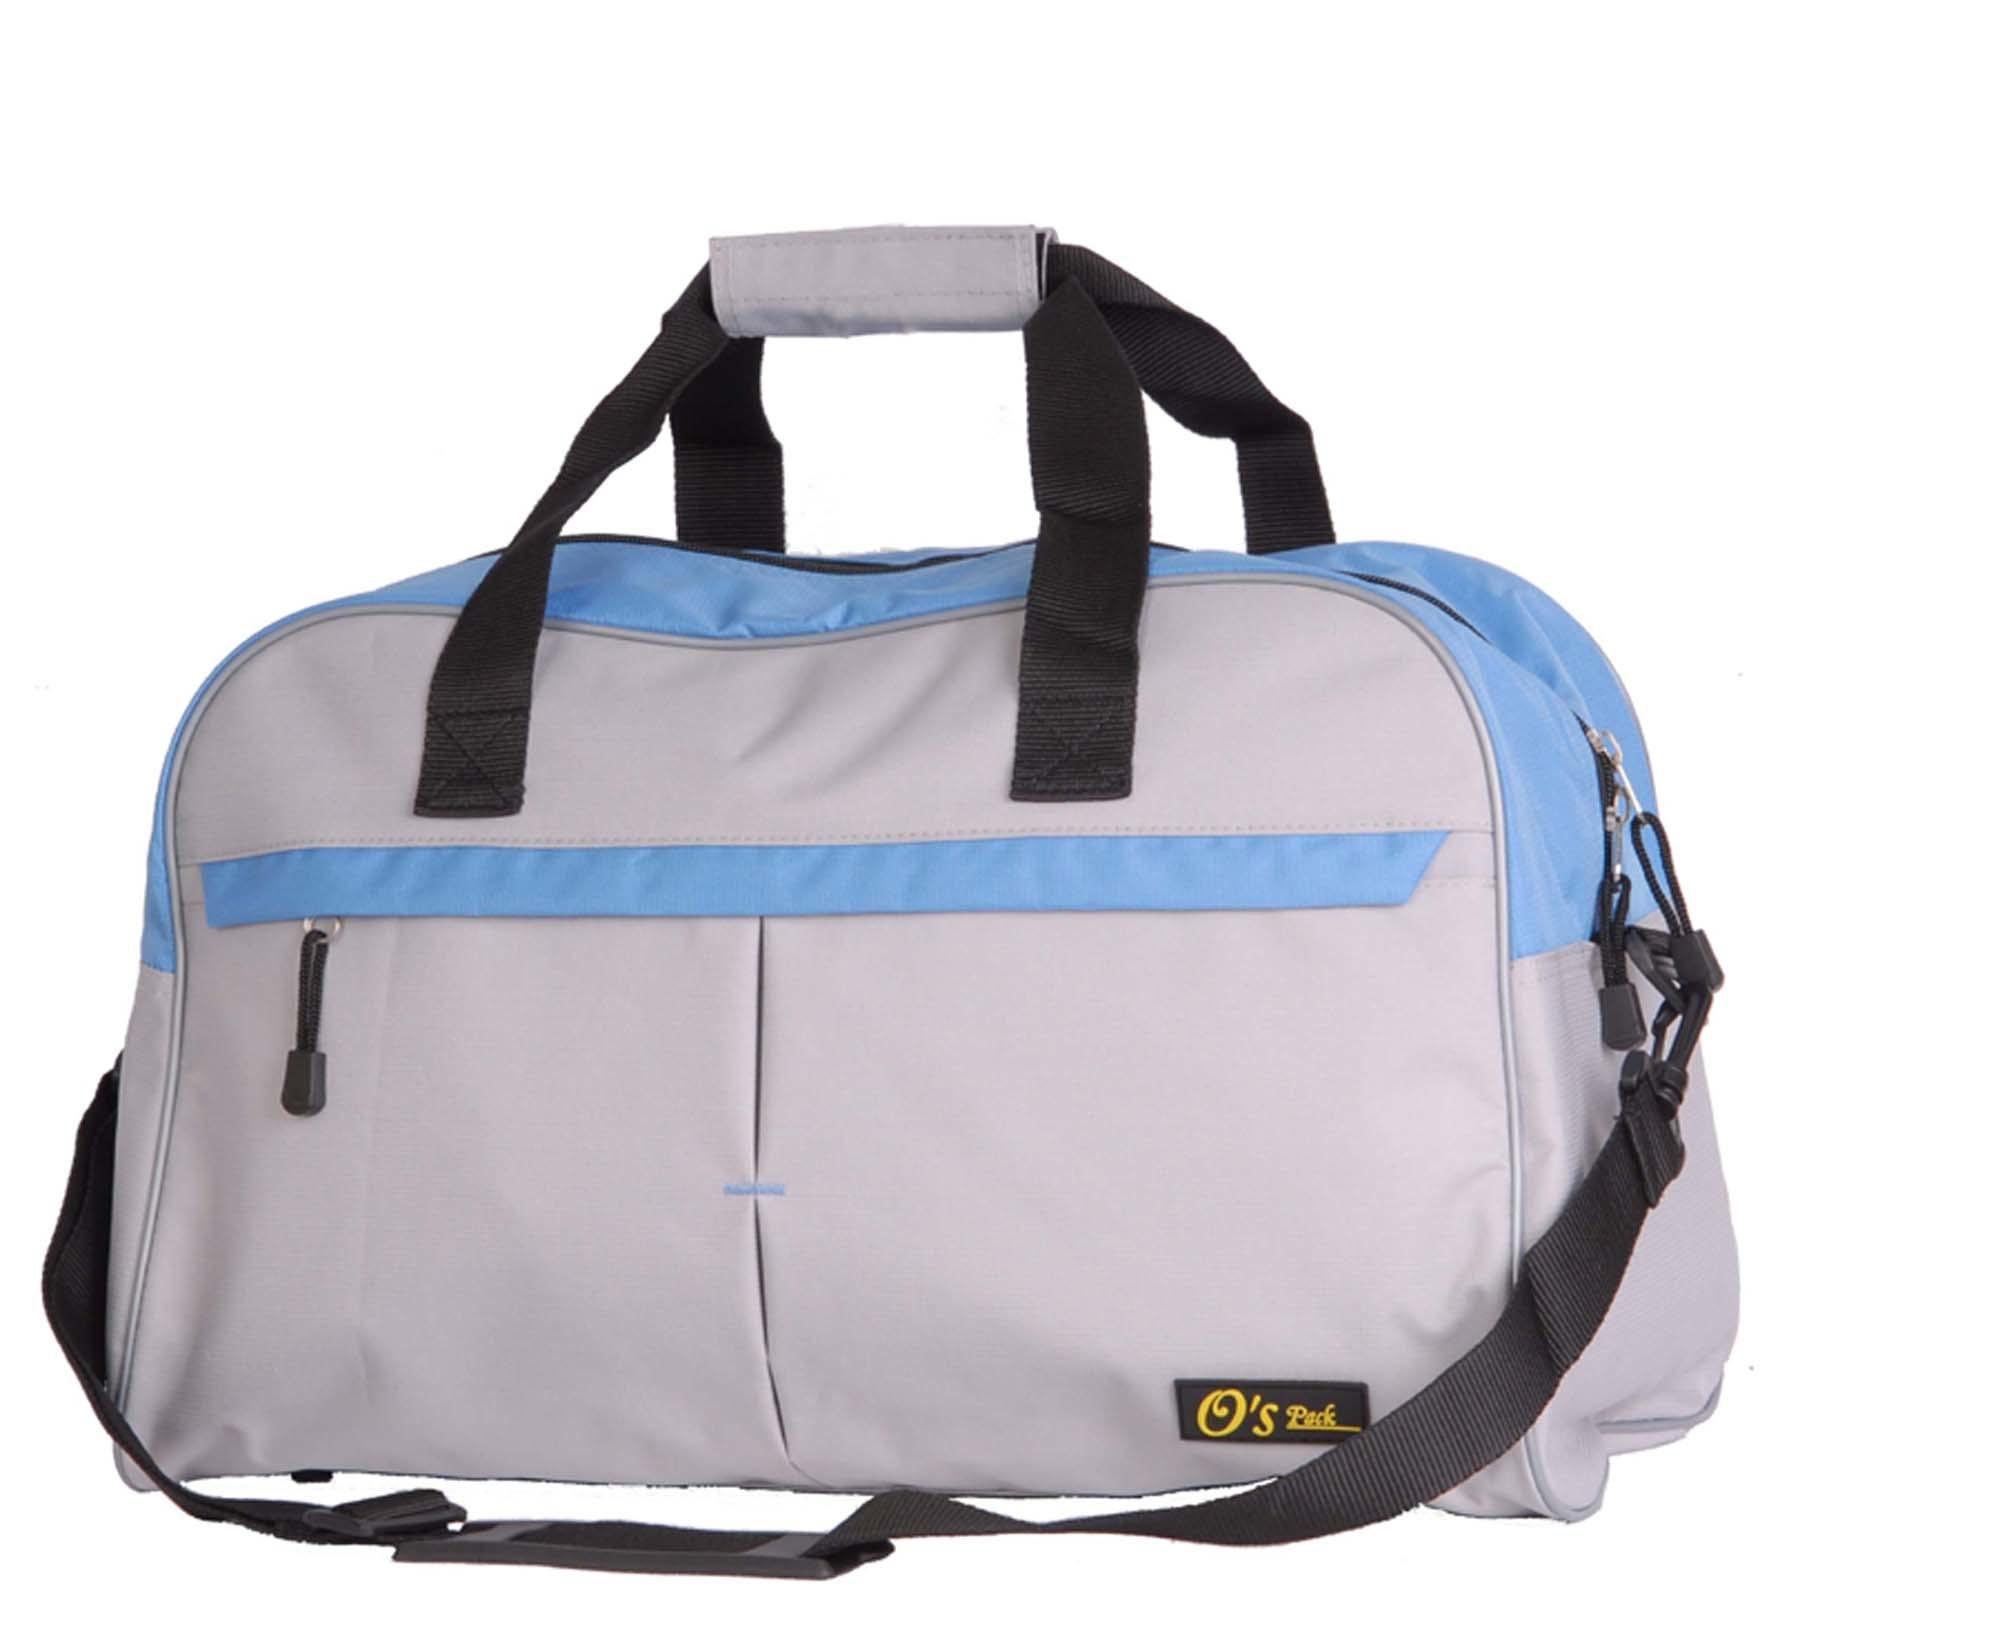 China Sport Travel Bag Duffle Bag Gear Bag Gym Bag Photos